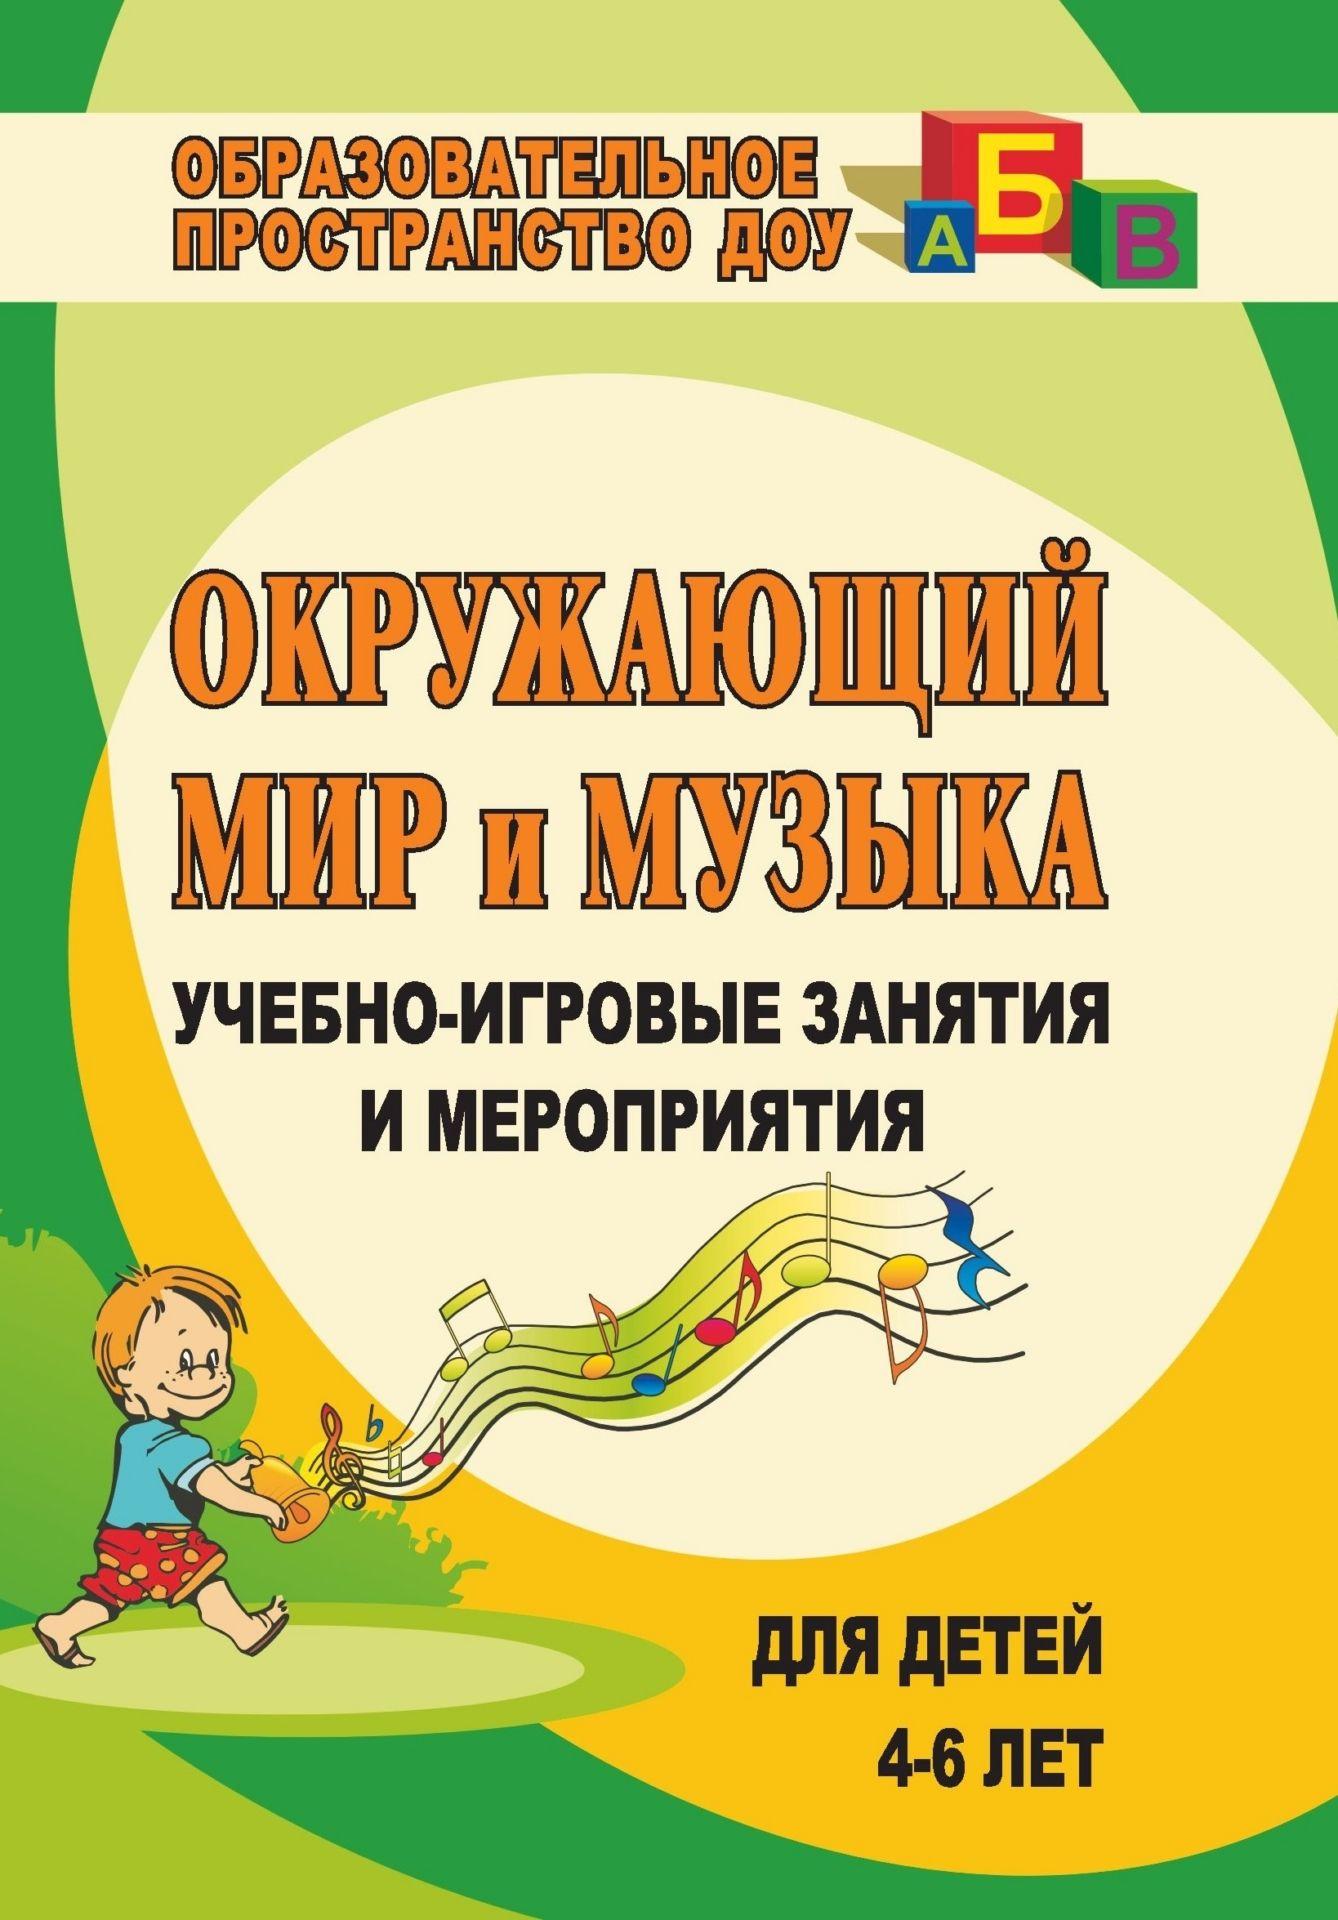 Окружающий мир и музыка: учебно-игровые занятия и мероприятия для детей 4-6 лет